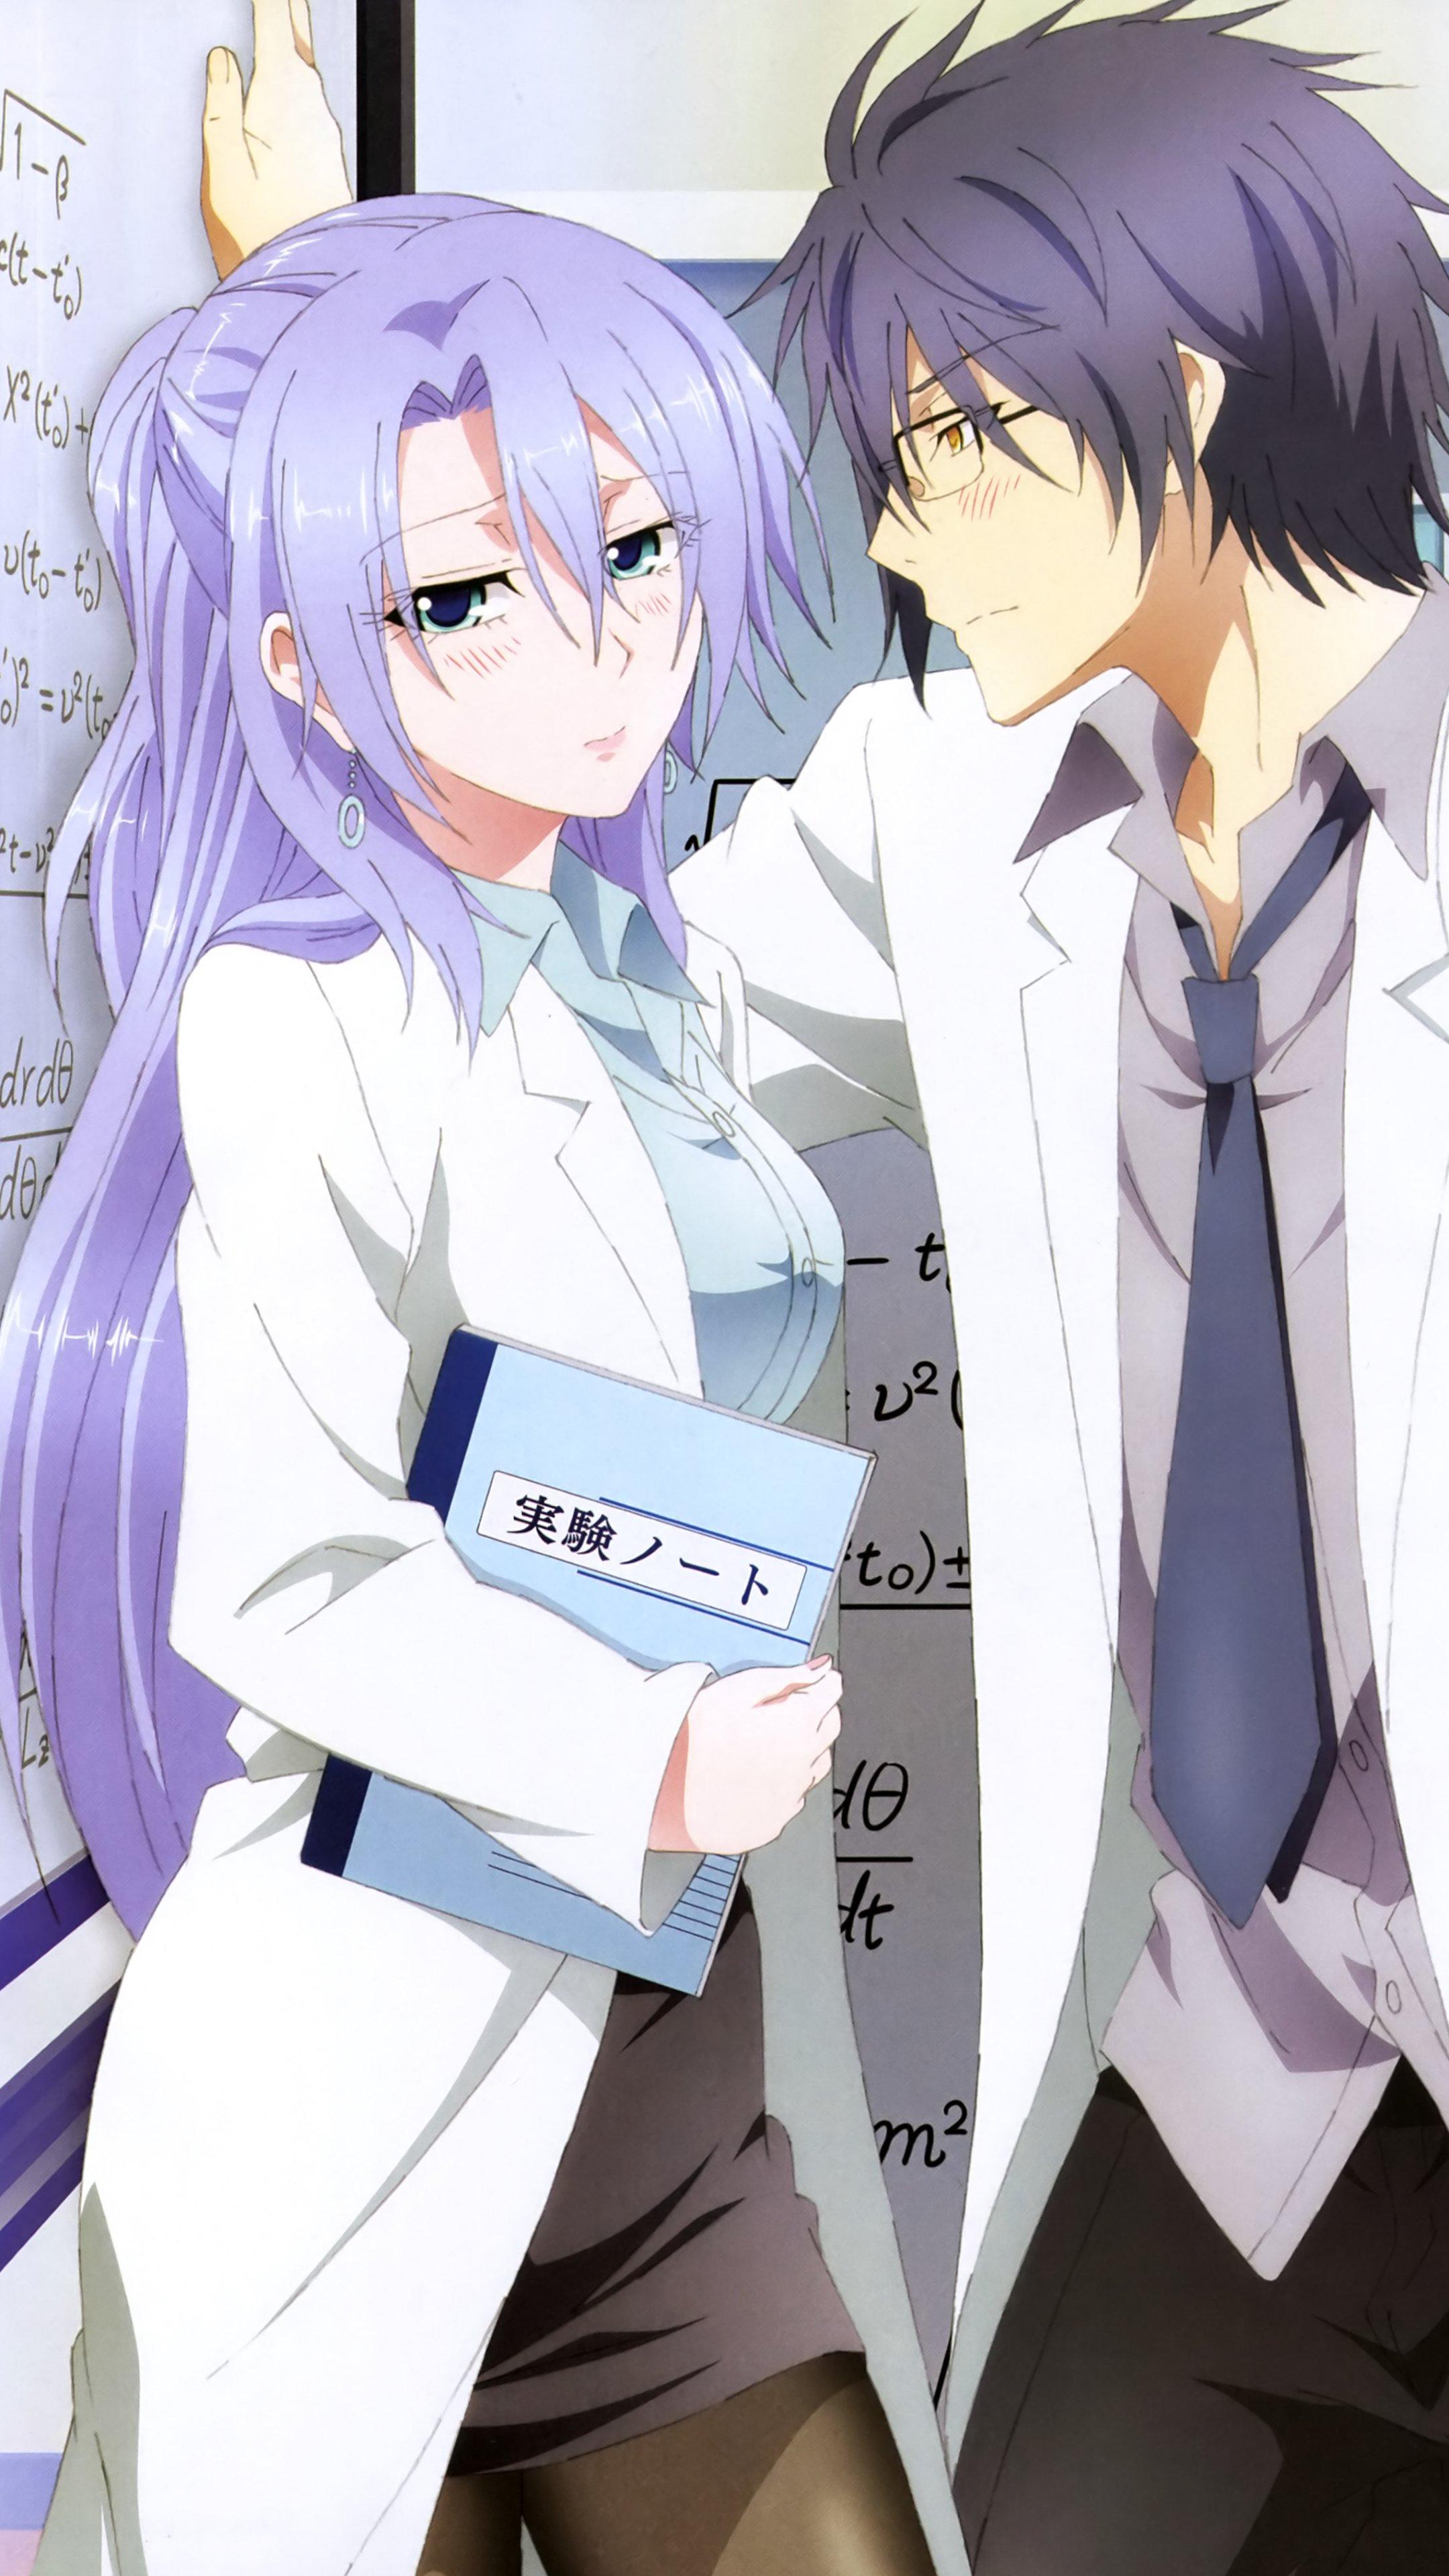 Rikei ga Koi ni Ochita no de Shoumei shitemita Shinya Yukimura Ayame Himuro 2160x3840